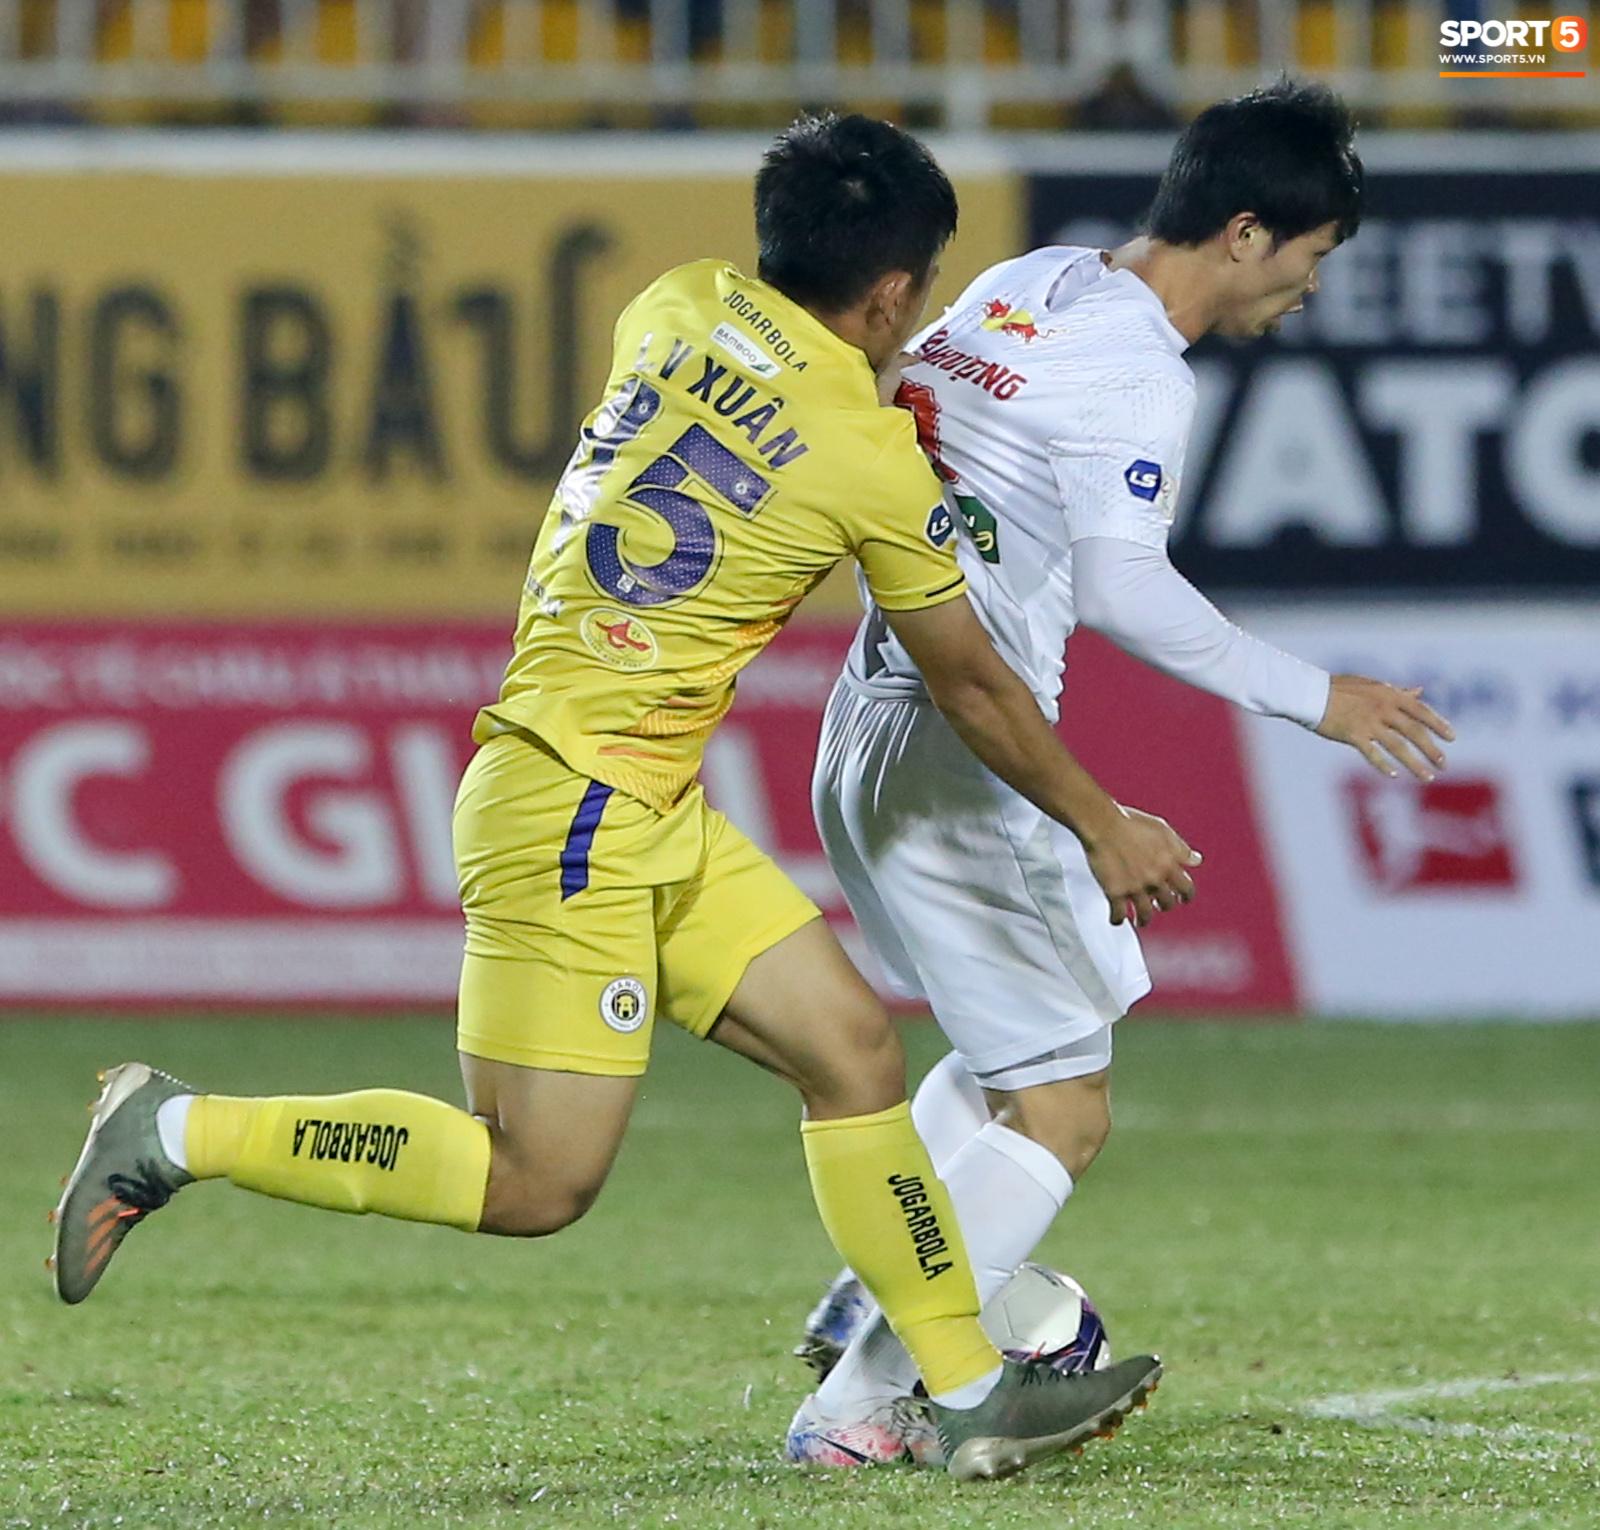 Công Phượng bị Văn Toàn vái lạy, gọi là đồ tham lam sau pha bóng trong trận thắng Hà Nội FC - ảnh 5